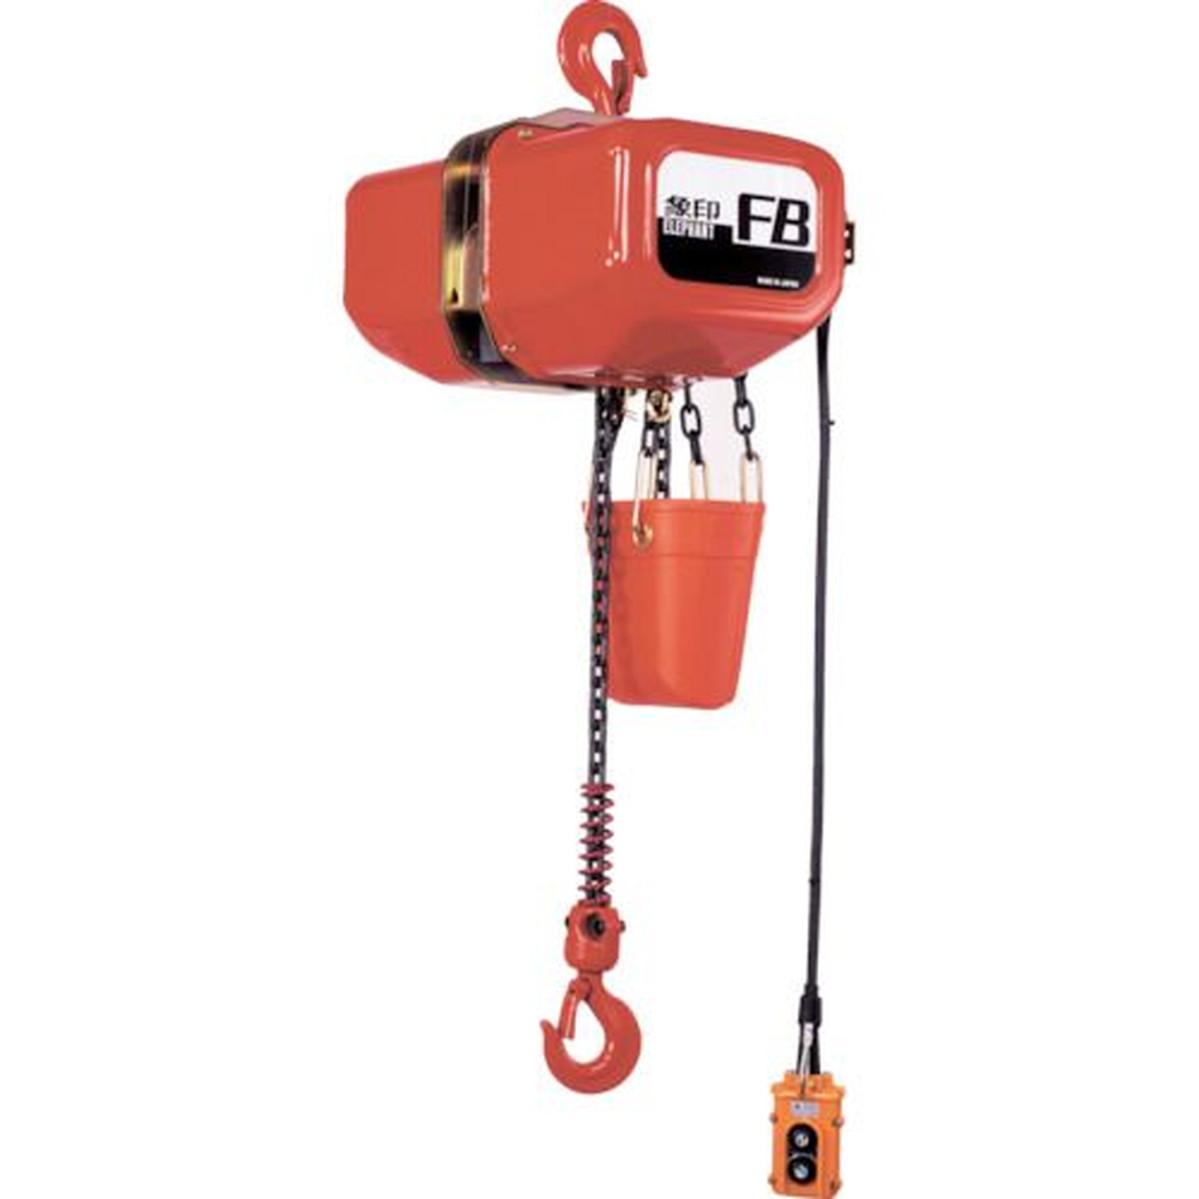 完成品 象印 FB型電気チェーンブロック0.5t(2速型)6m 1台, セレクトショップ コーブライミー ef4eef80